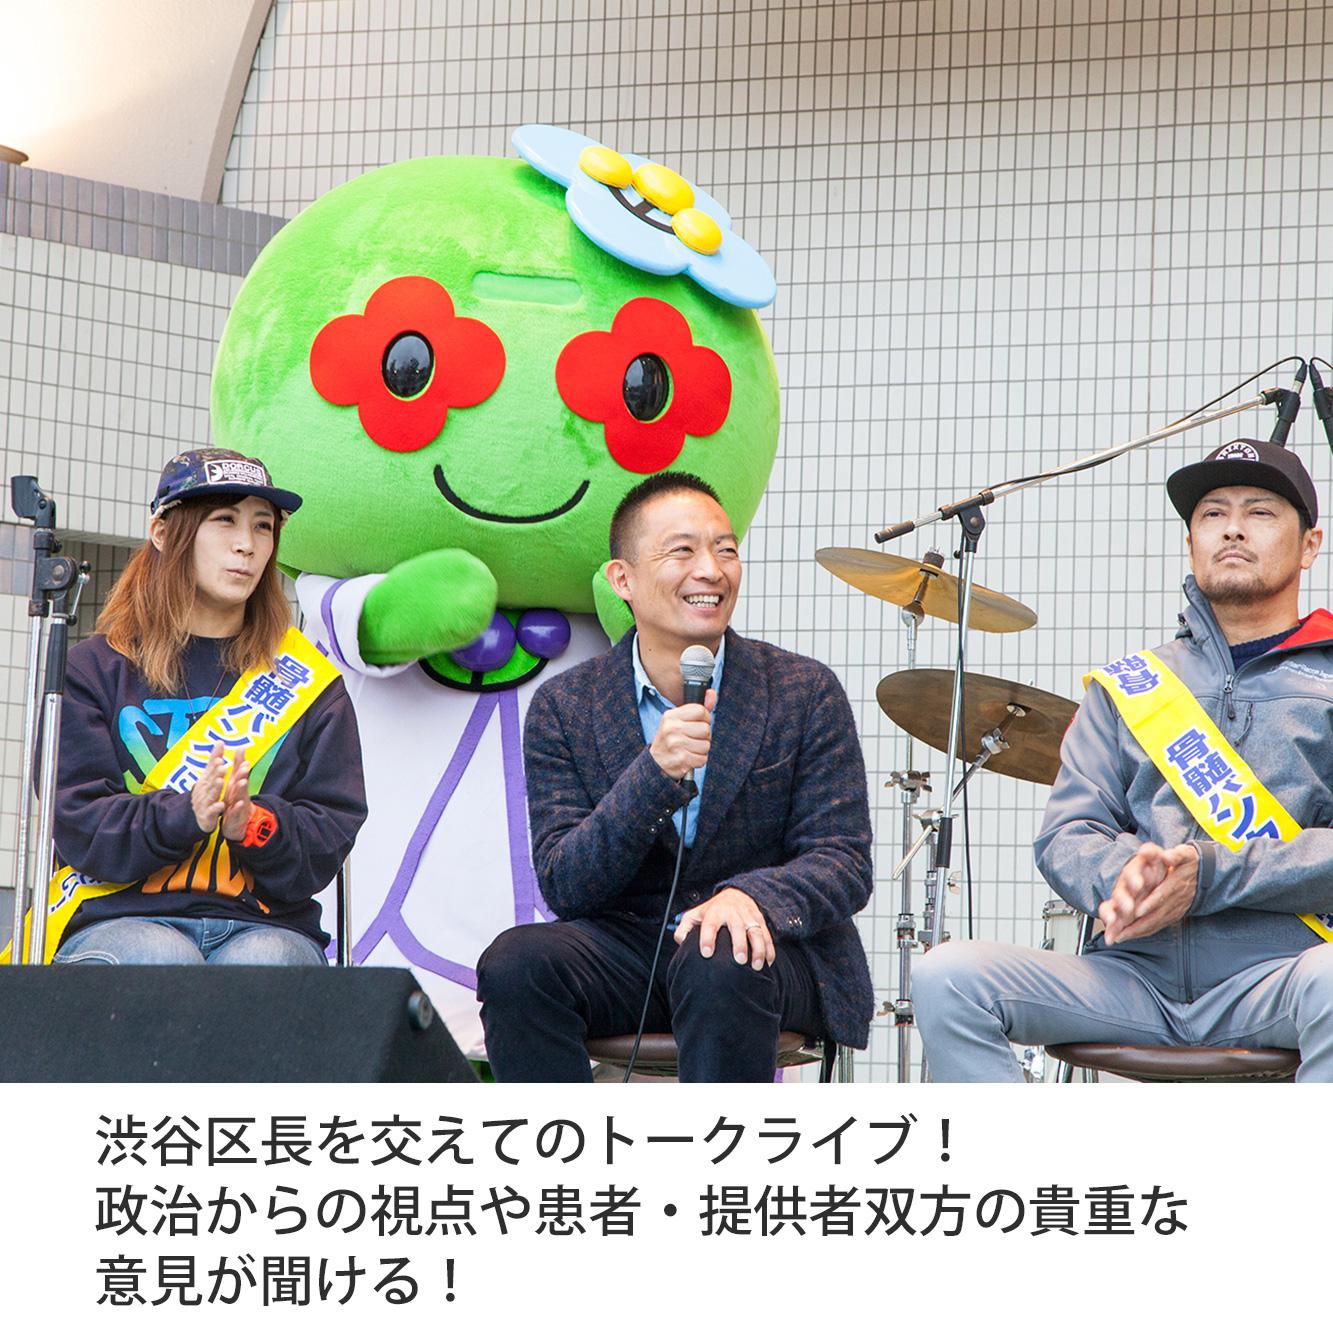 渋谷区長も参戦して貴重なトークライブ